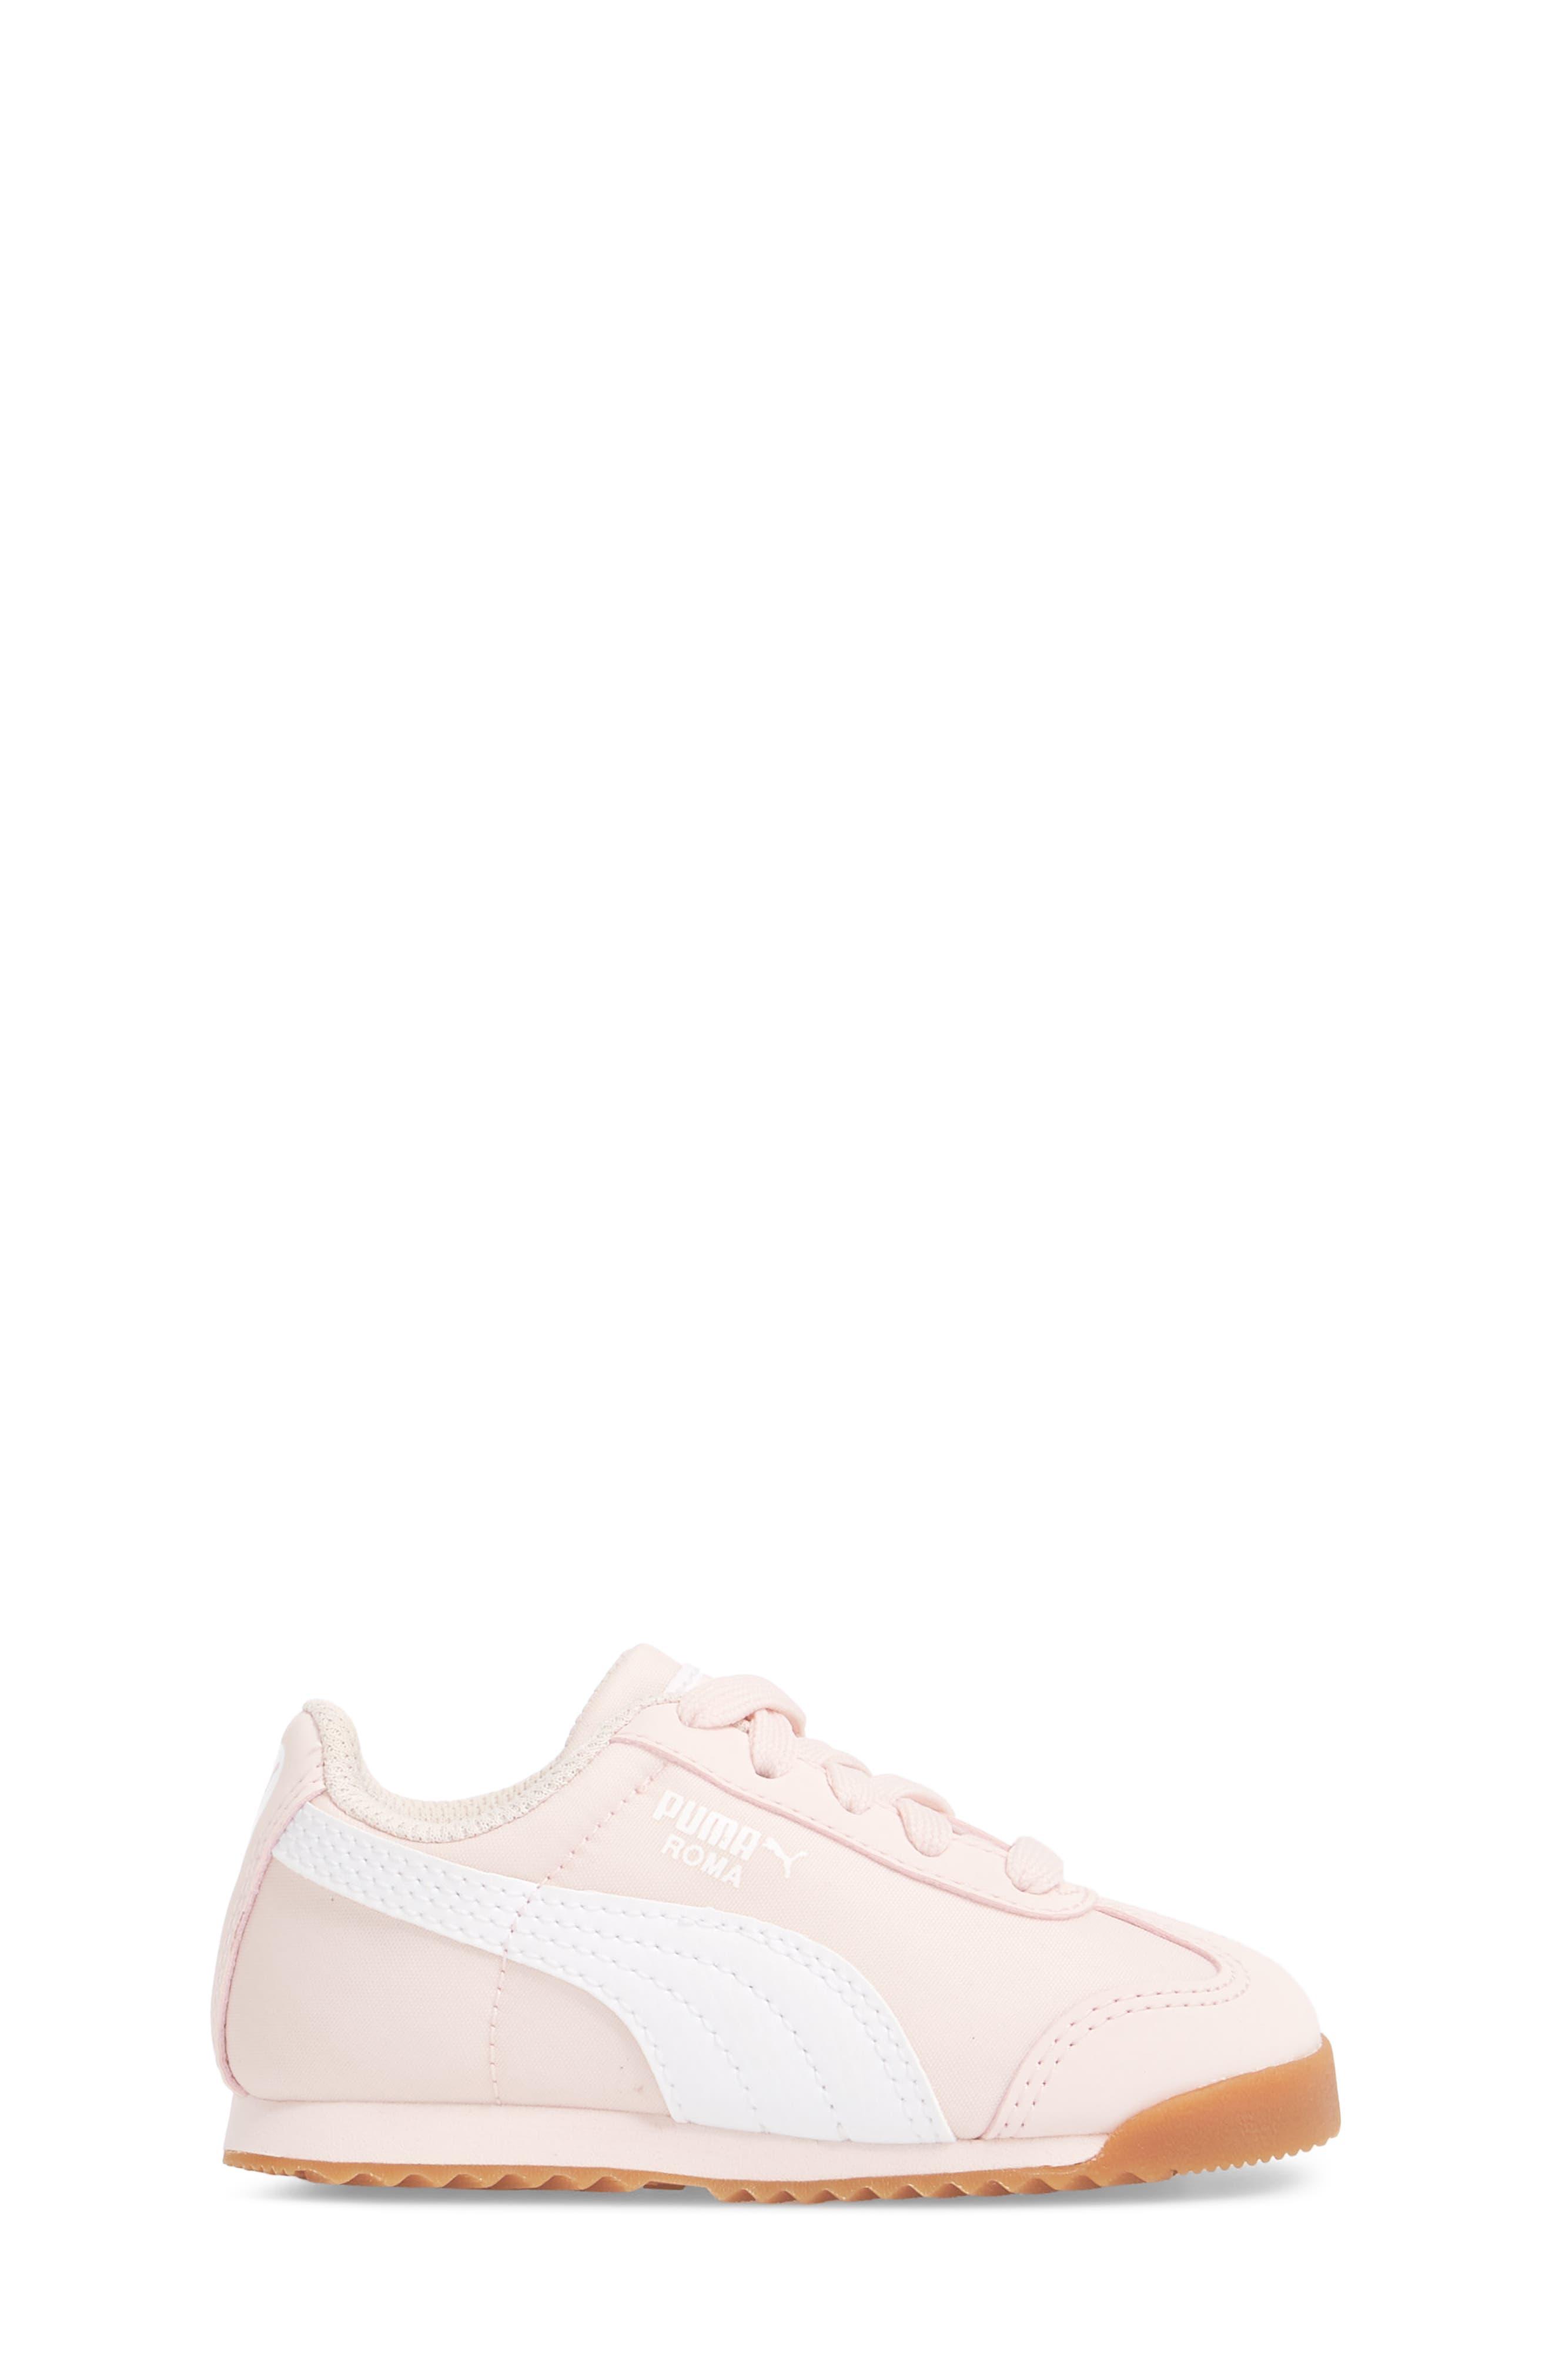 Roma Basic Summer Sneaker,                             Alternate thumbnail 3, color,                             Pearl/ White